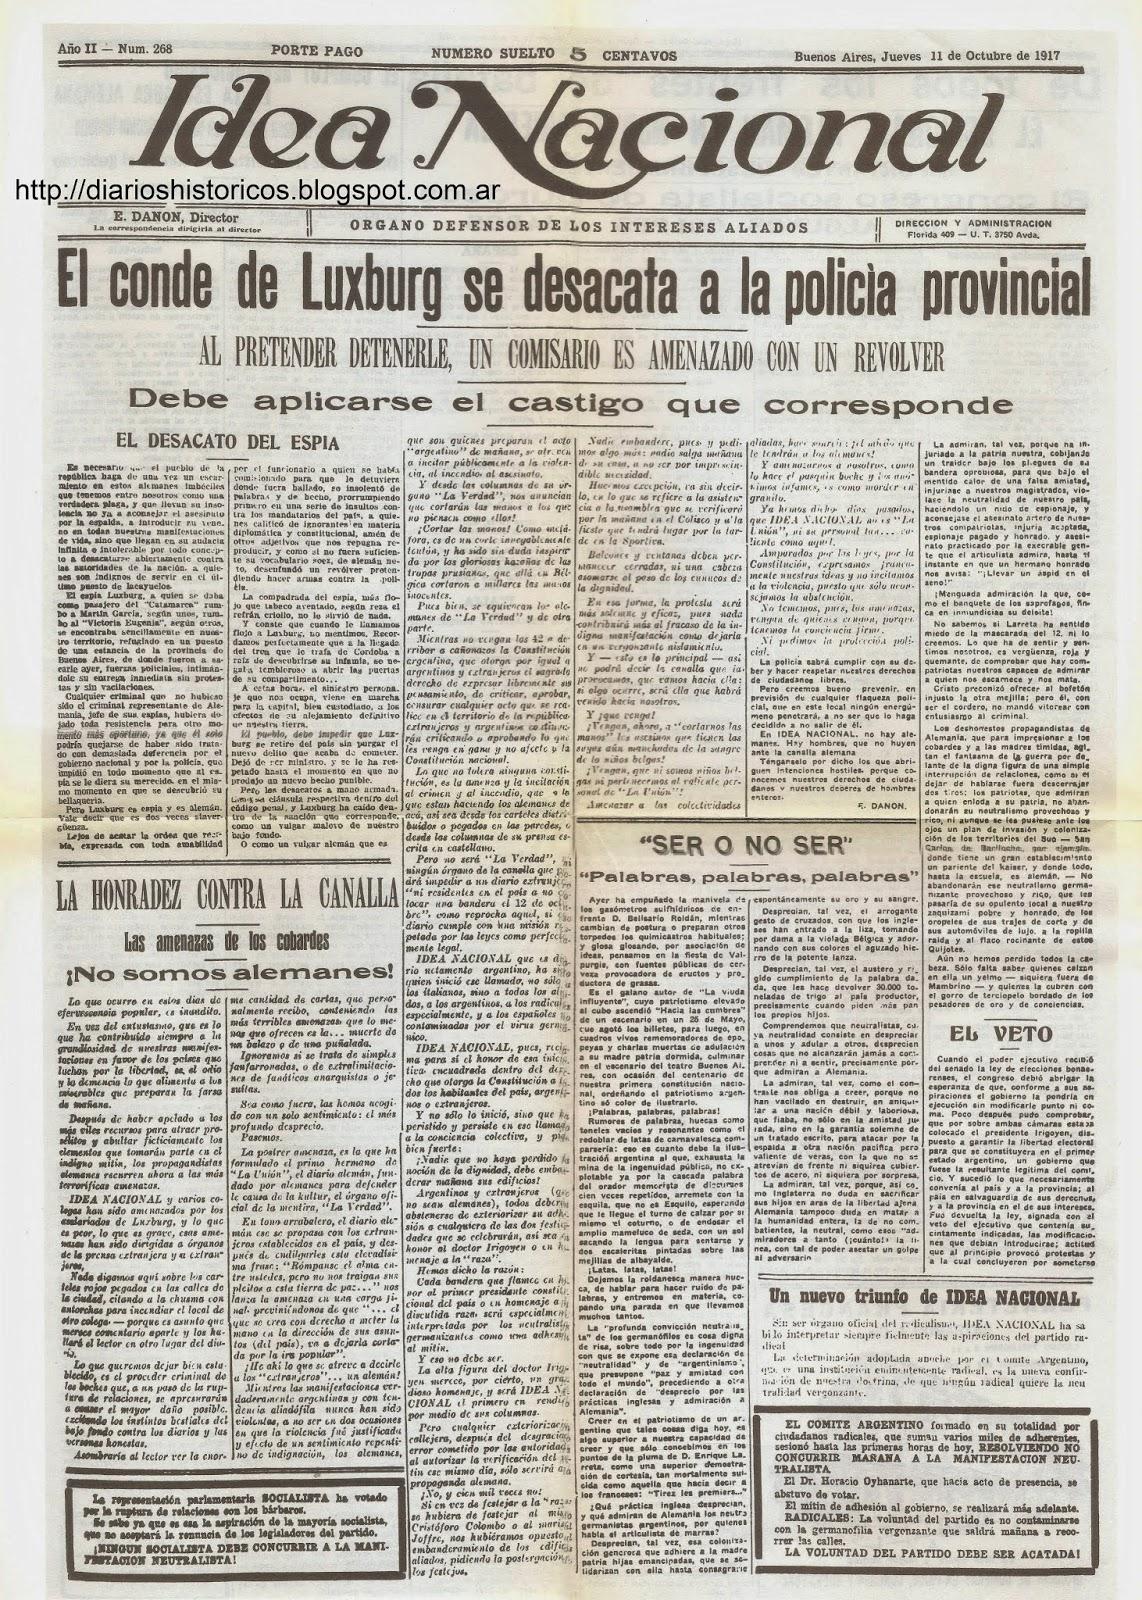 Diarios hist ricos primera guerra mundial 1914 1918 for Noticias mas recientes del medio del espectaculo